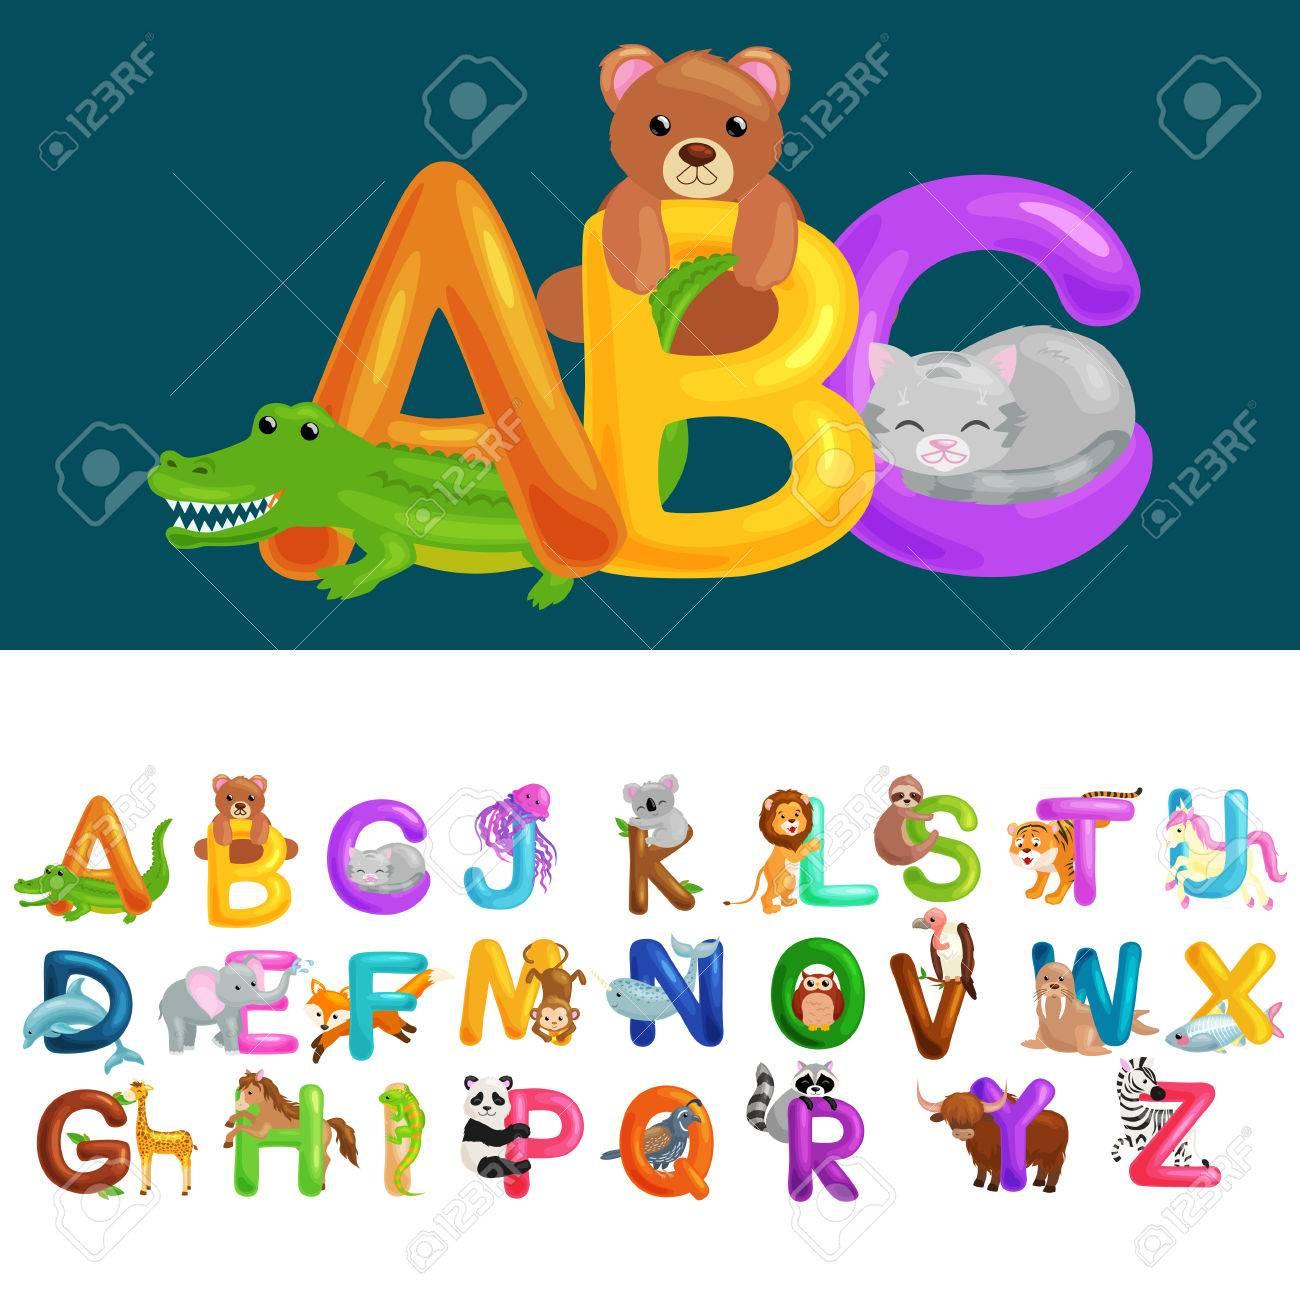 Abc Lettres D'animaux Pour Les Enfants De L'école Ou La Maternelle Alphabet  Éducation Isolé. Lettres Abc Pour Les Enfants Abécédaire Apprentissage. Le avec Apprendre Les Animaux Pour Bebe